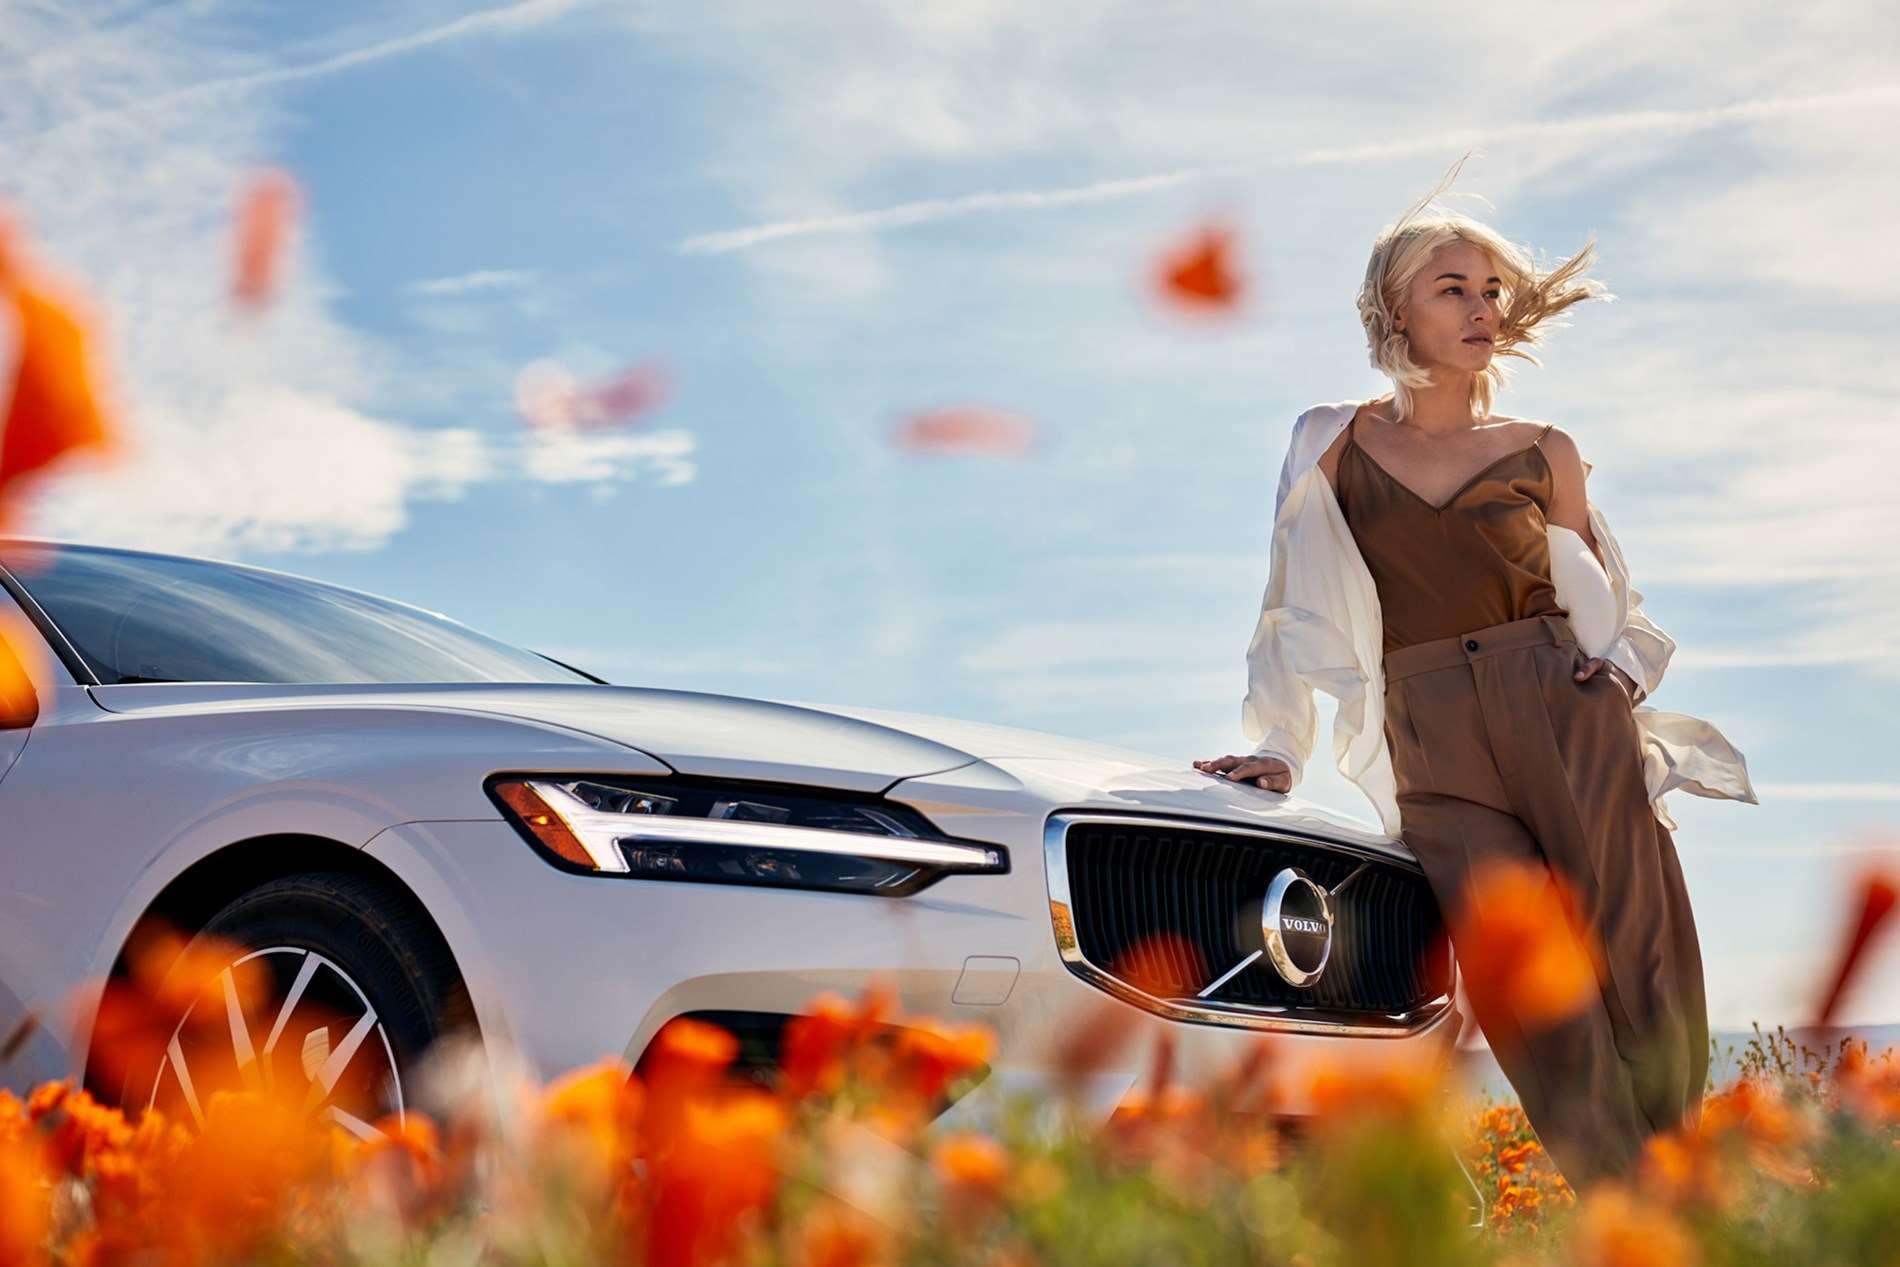 Ontdek onze Volvo summer deals en vertrek met uw nieuwe Volvo op vakantie